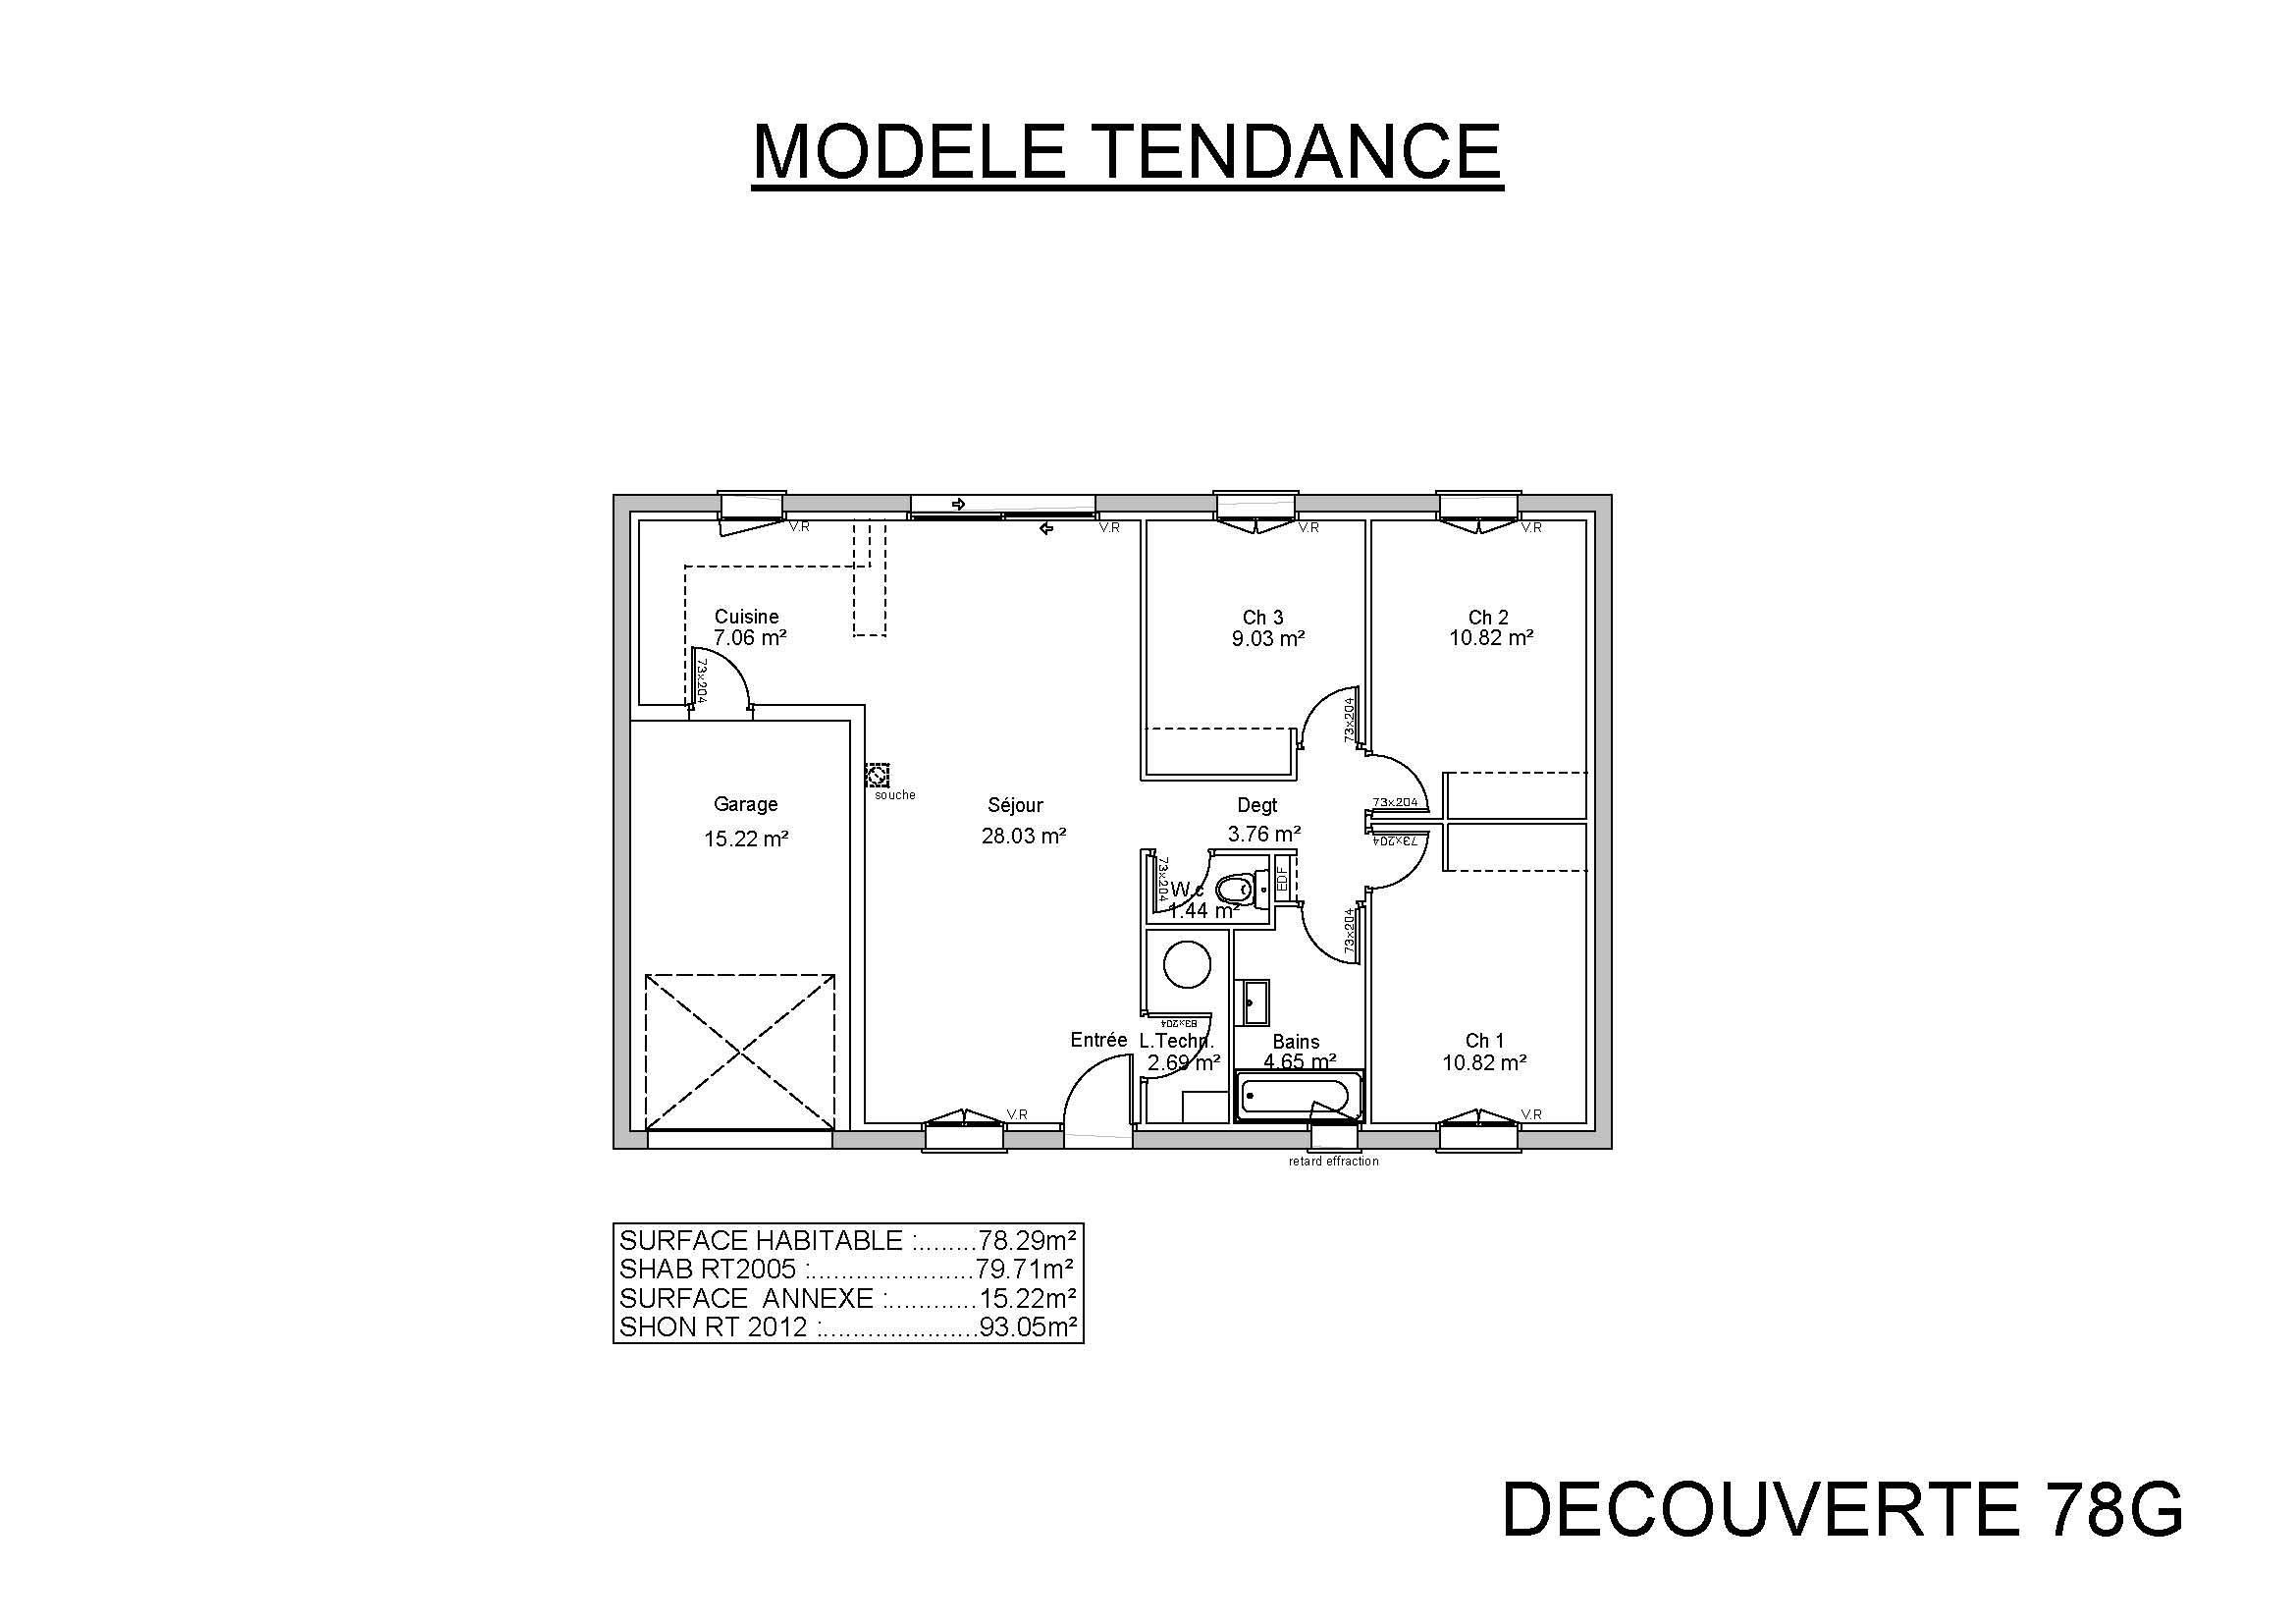 Maisons et terrains maison construire pargnes 17120 for Maison terrain a construire